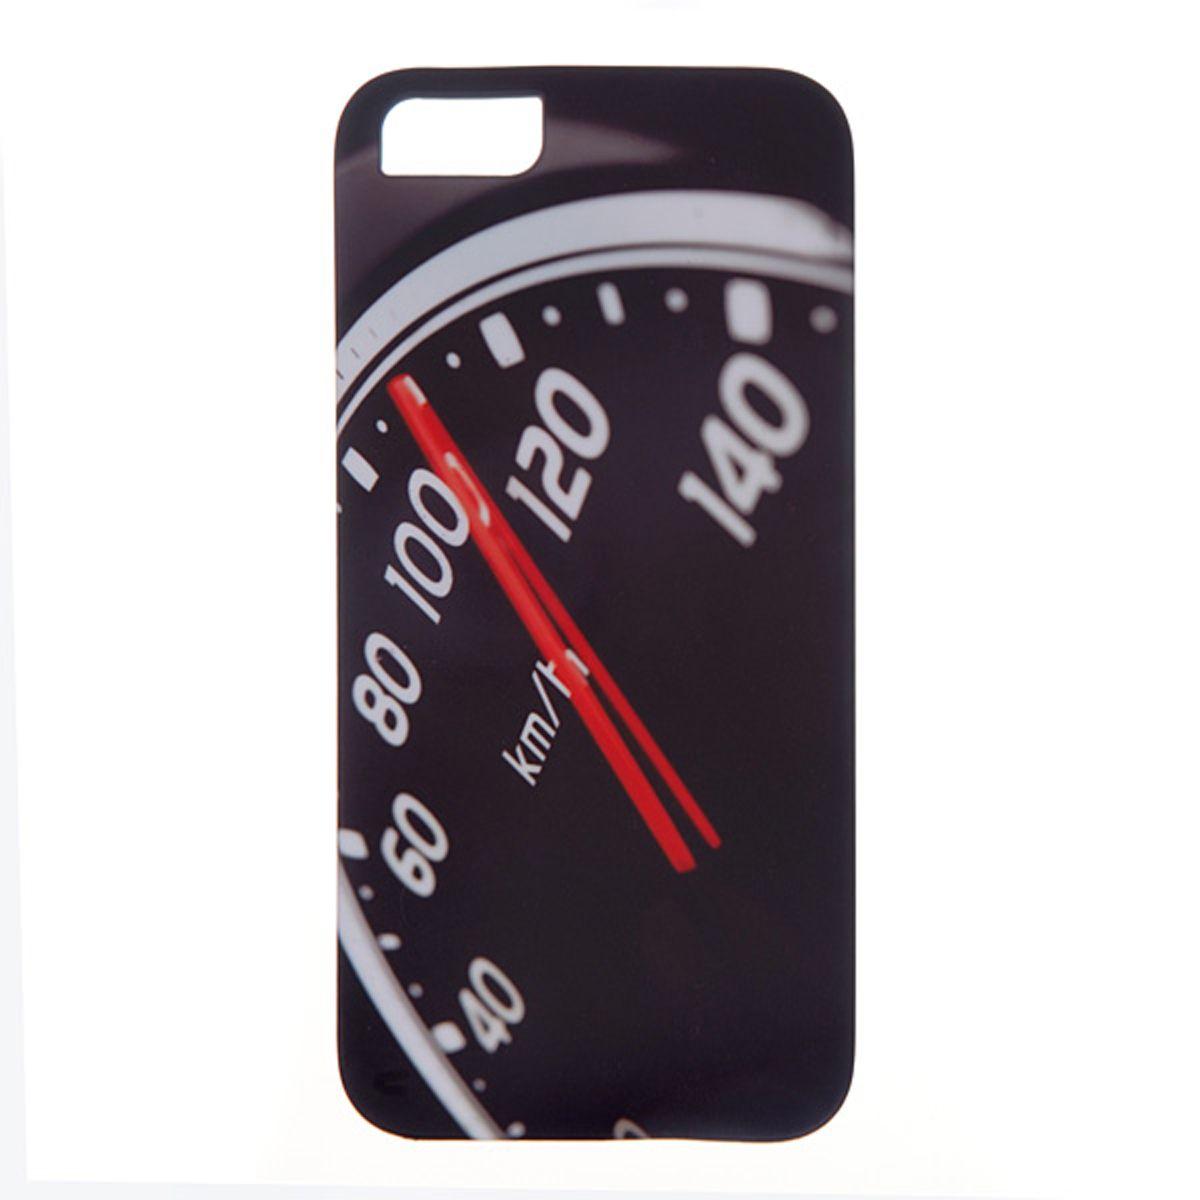 Mitya Veselkov Скорость чехол для Apple iPhone 5/5sIP5.МITYA-018Оденьте свой любимый iPhone! Чехол Mitya Veselkov Скорость для вашего Apple iPhone 5/5s - не просто средство защиты от царапин и внешних повреждений, но и модный аксессуар, который сделает ваш образ завершенным.